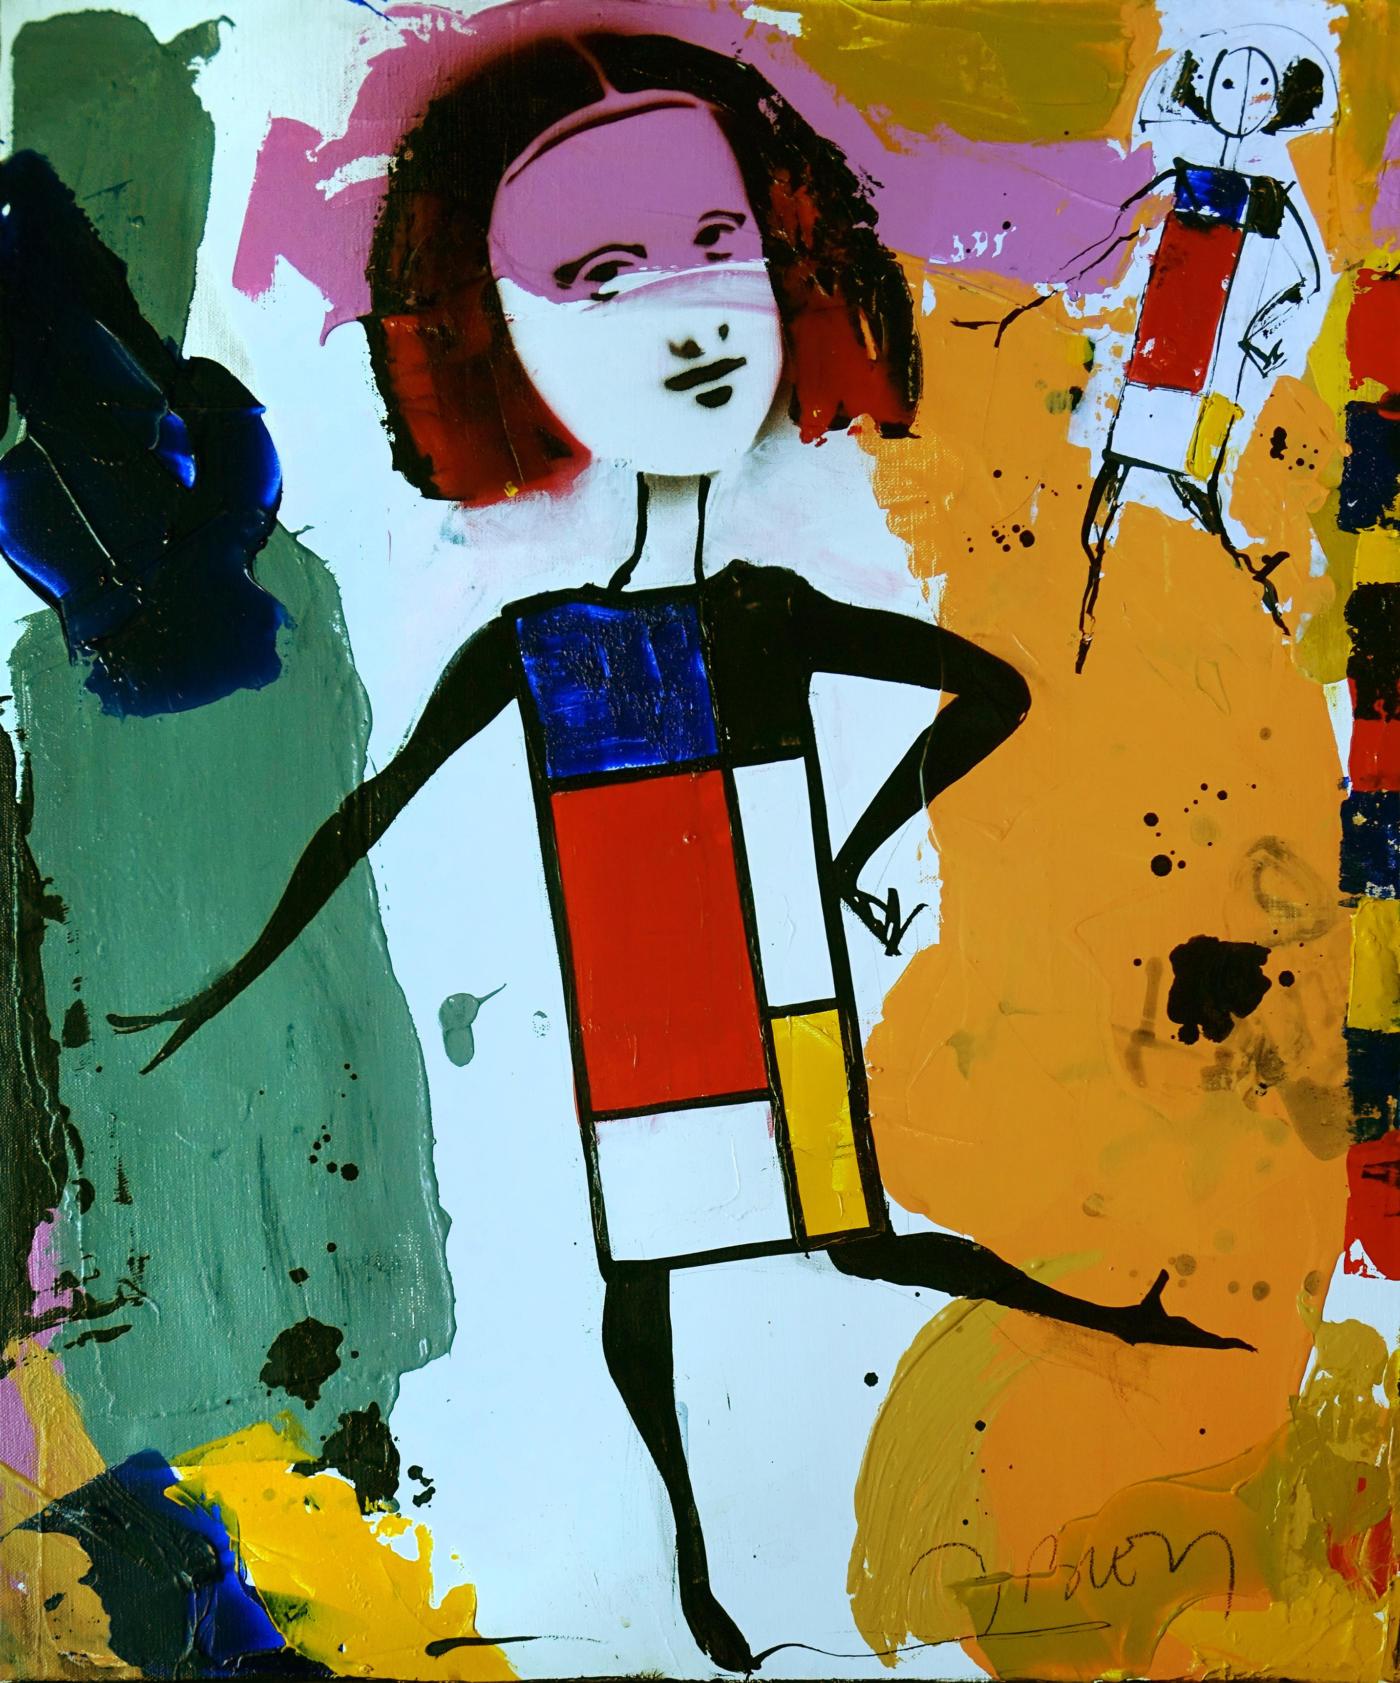 Jacques Blézot - La Joconde en Mondrian - Techniques mixtes sur toile - 64 x 53 cm